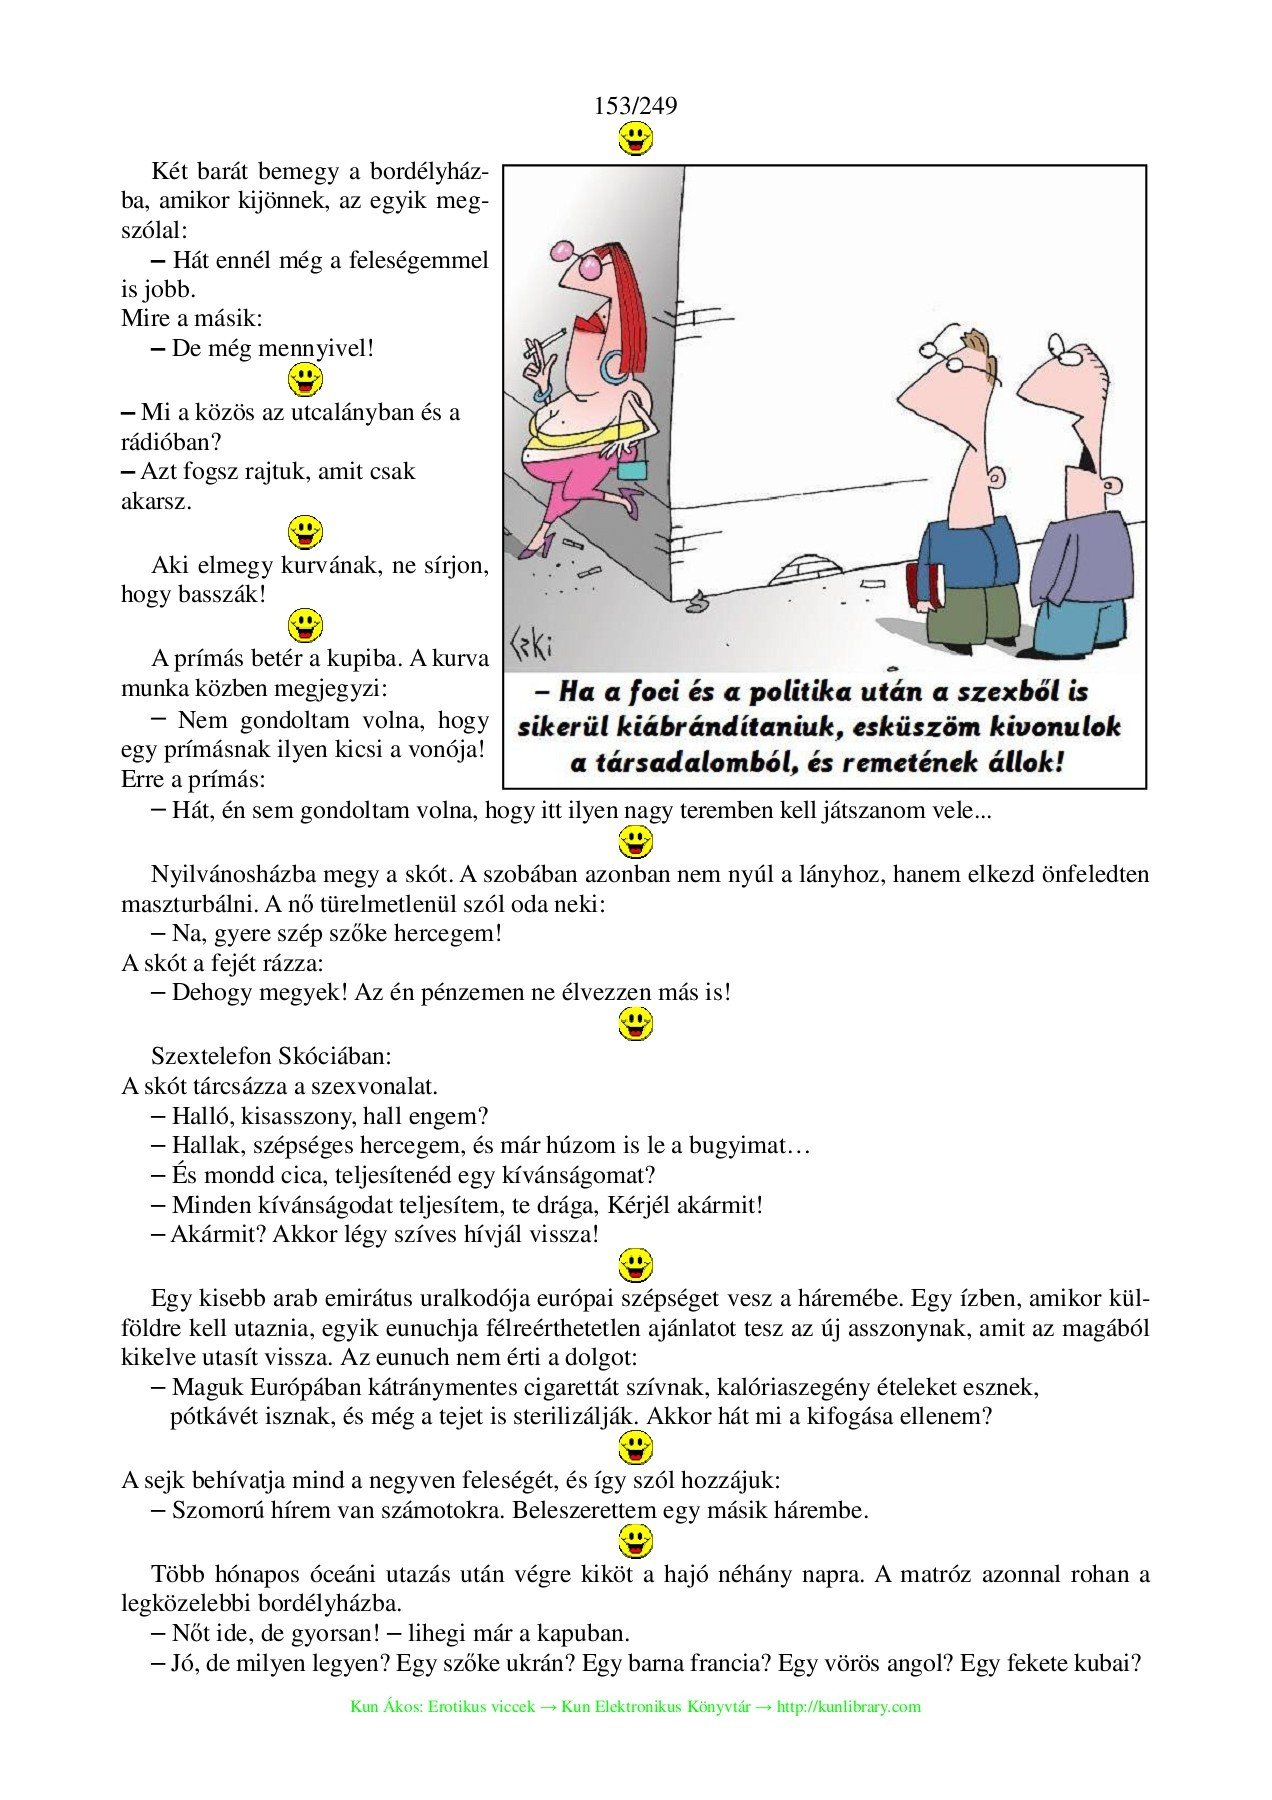 mfpi.hu - Szexölő minták: Így kasztrálják a nők a férfiakat!